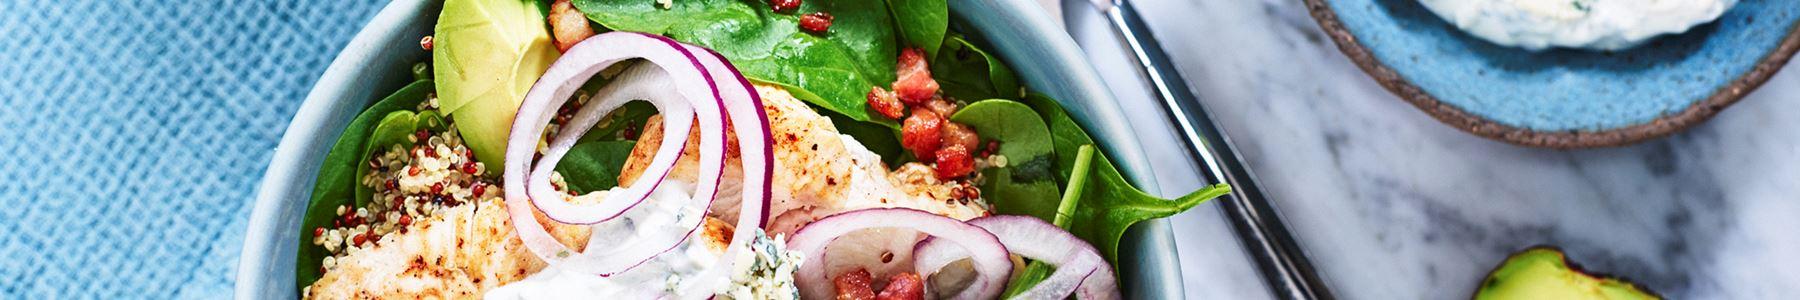 Quinoa + Lunch + Sallad